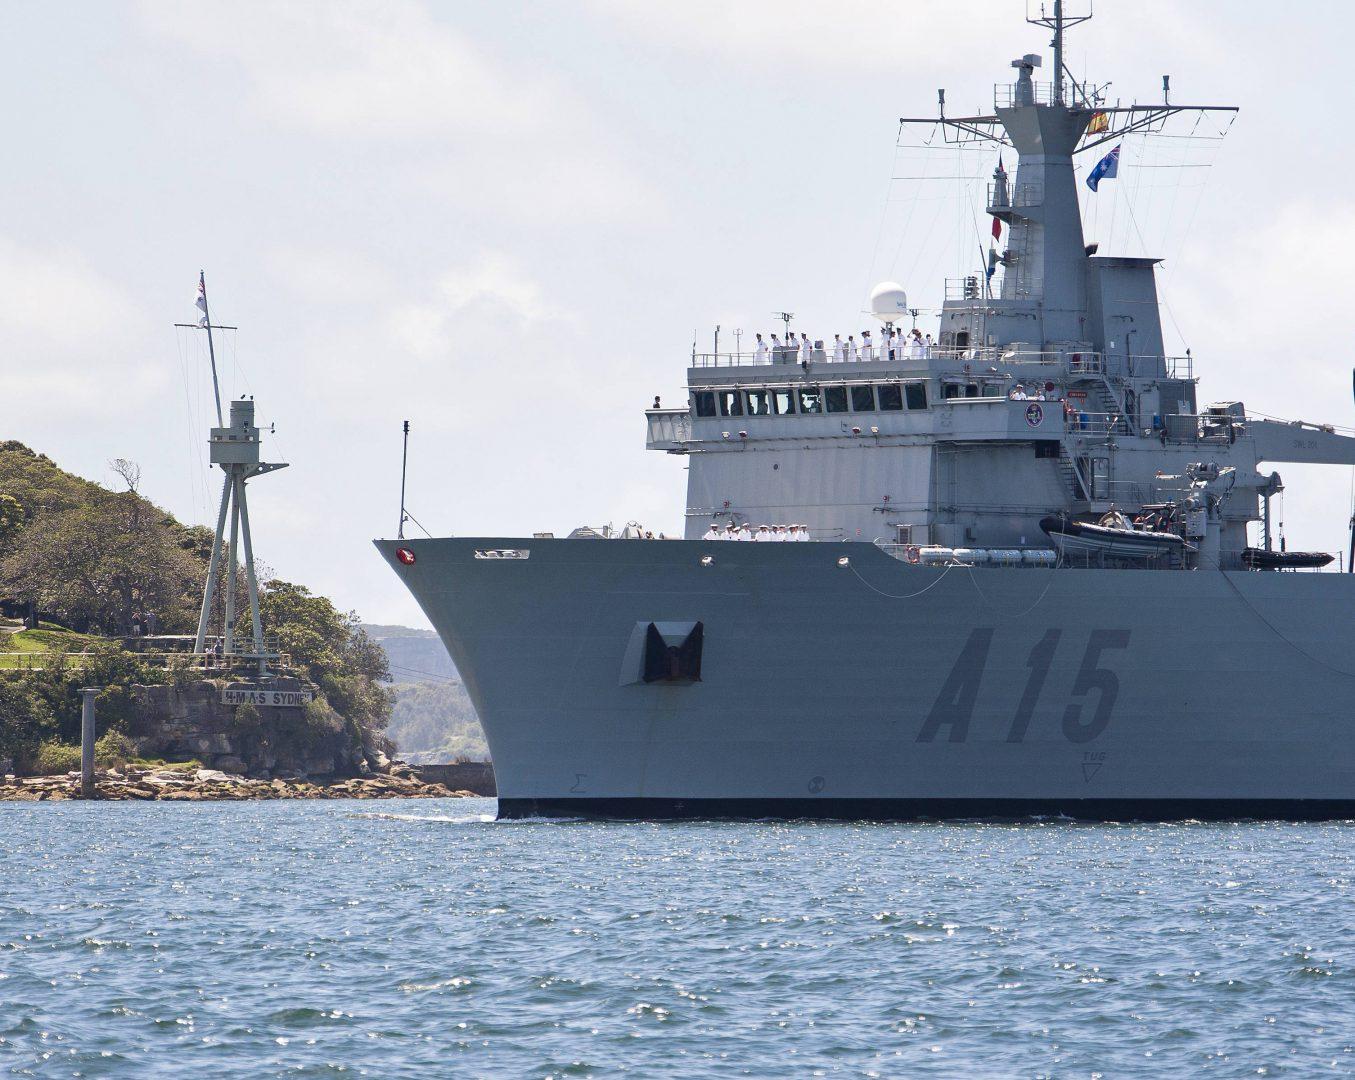 SPS Cantabria arrives at Fleet Base East